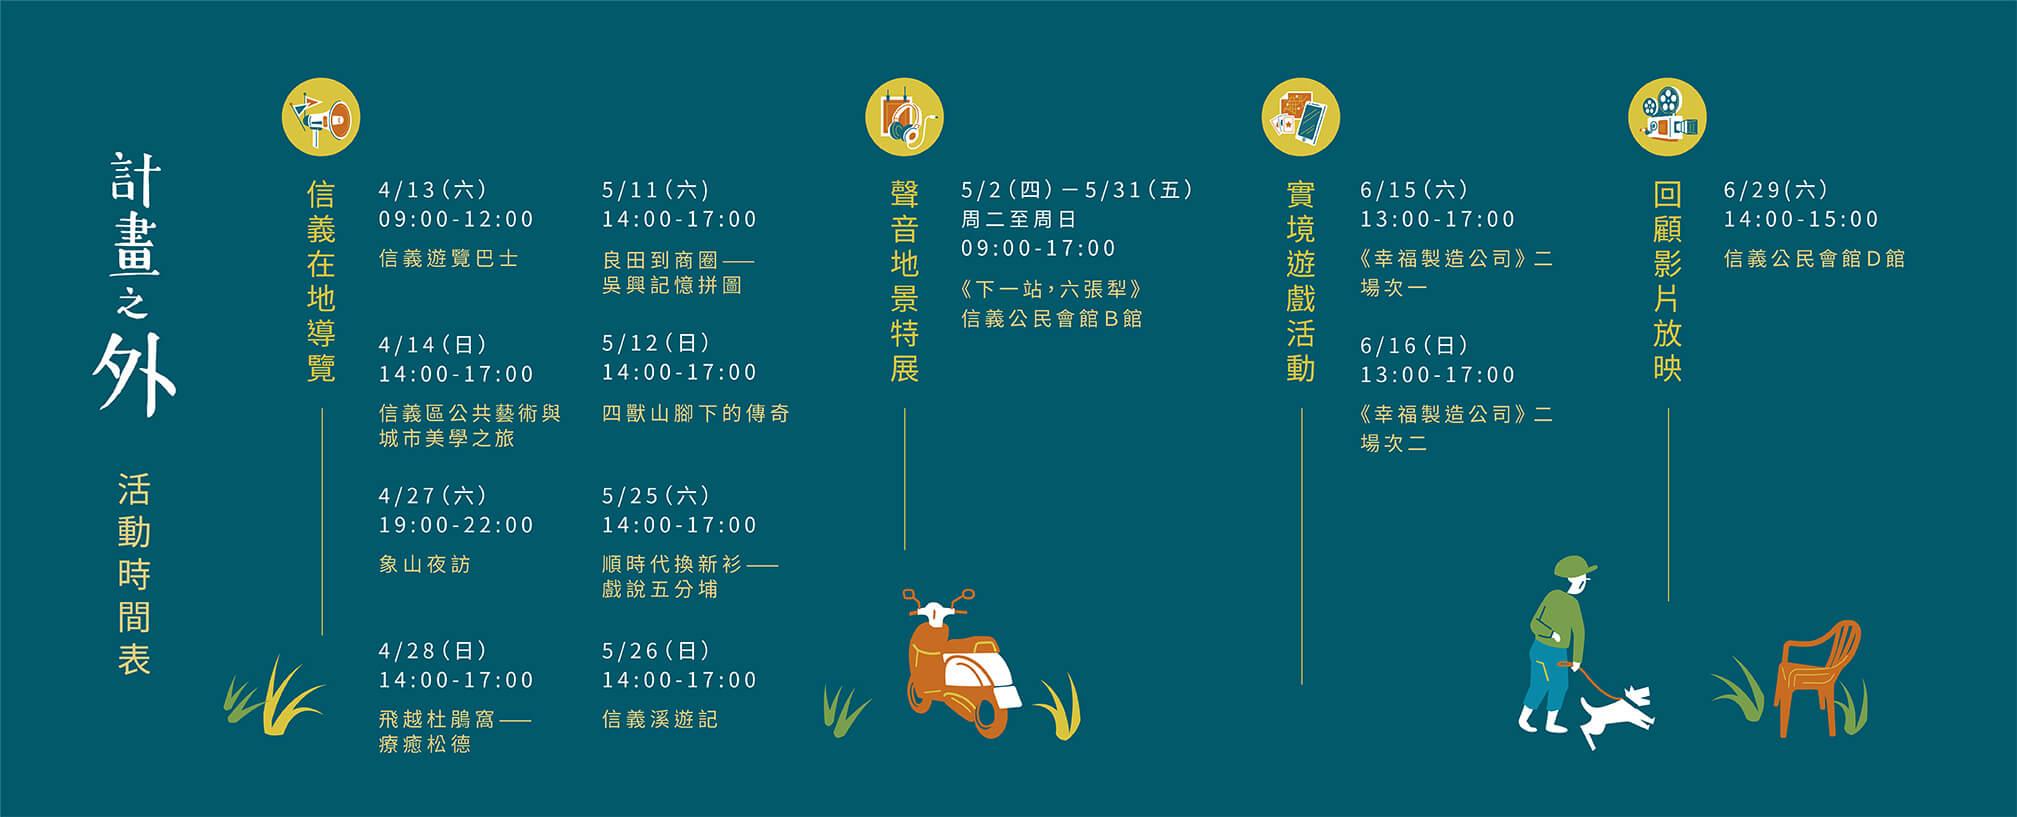 2019漫遊信義文化節「計畫之外」活動時間表